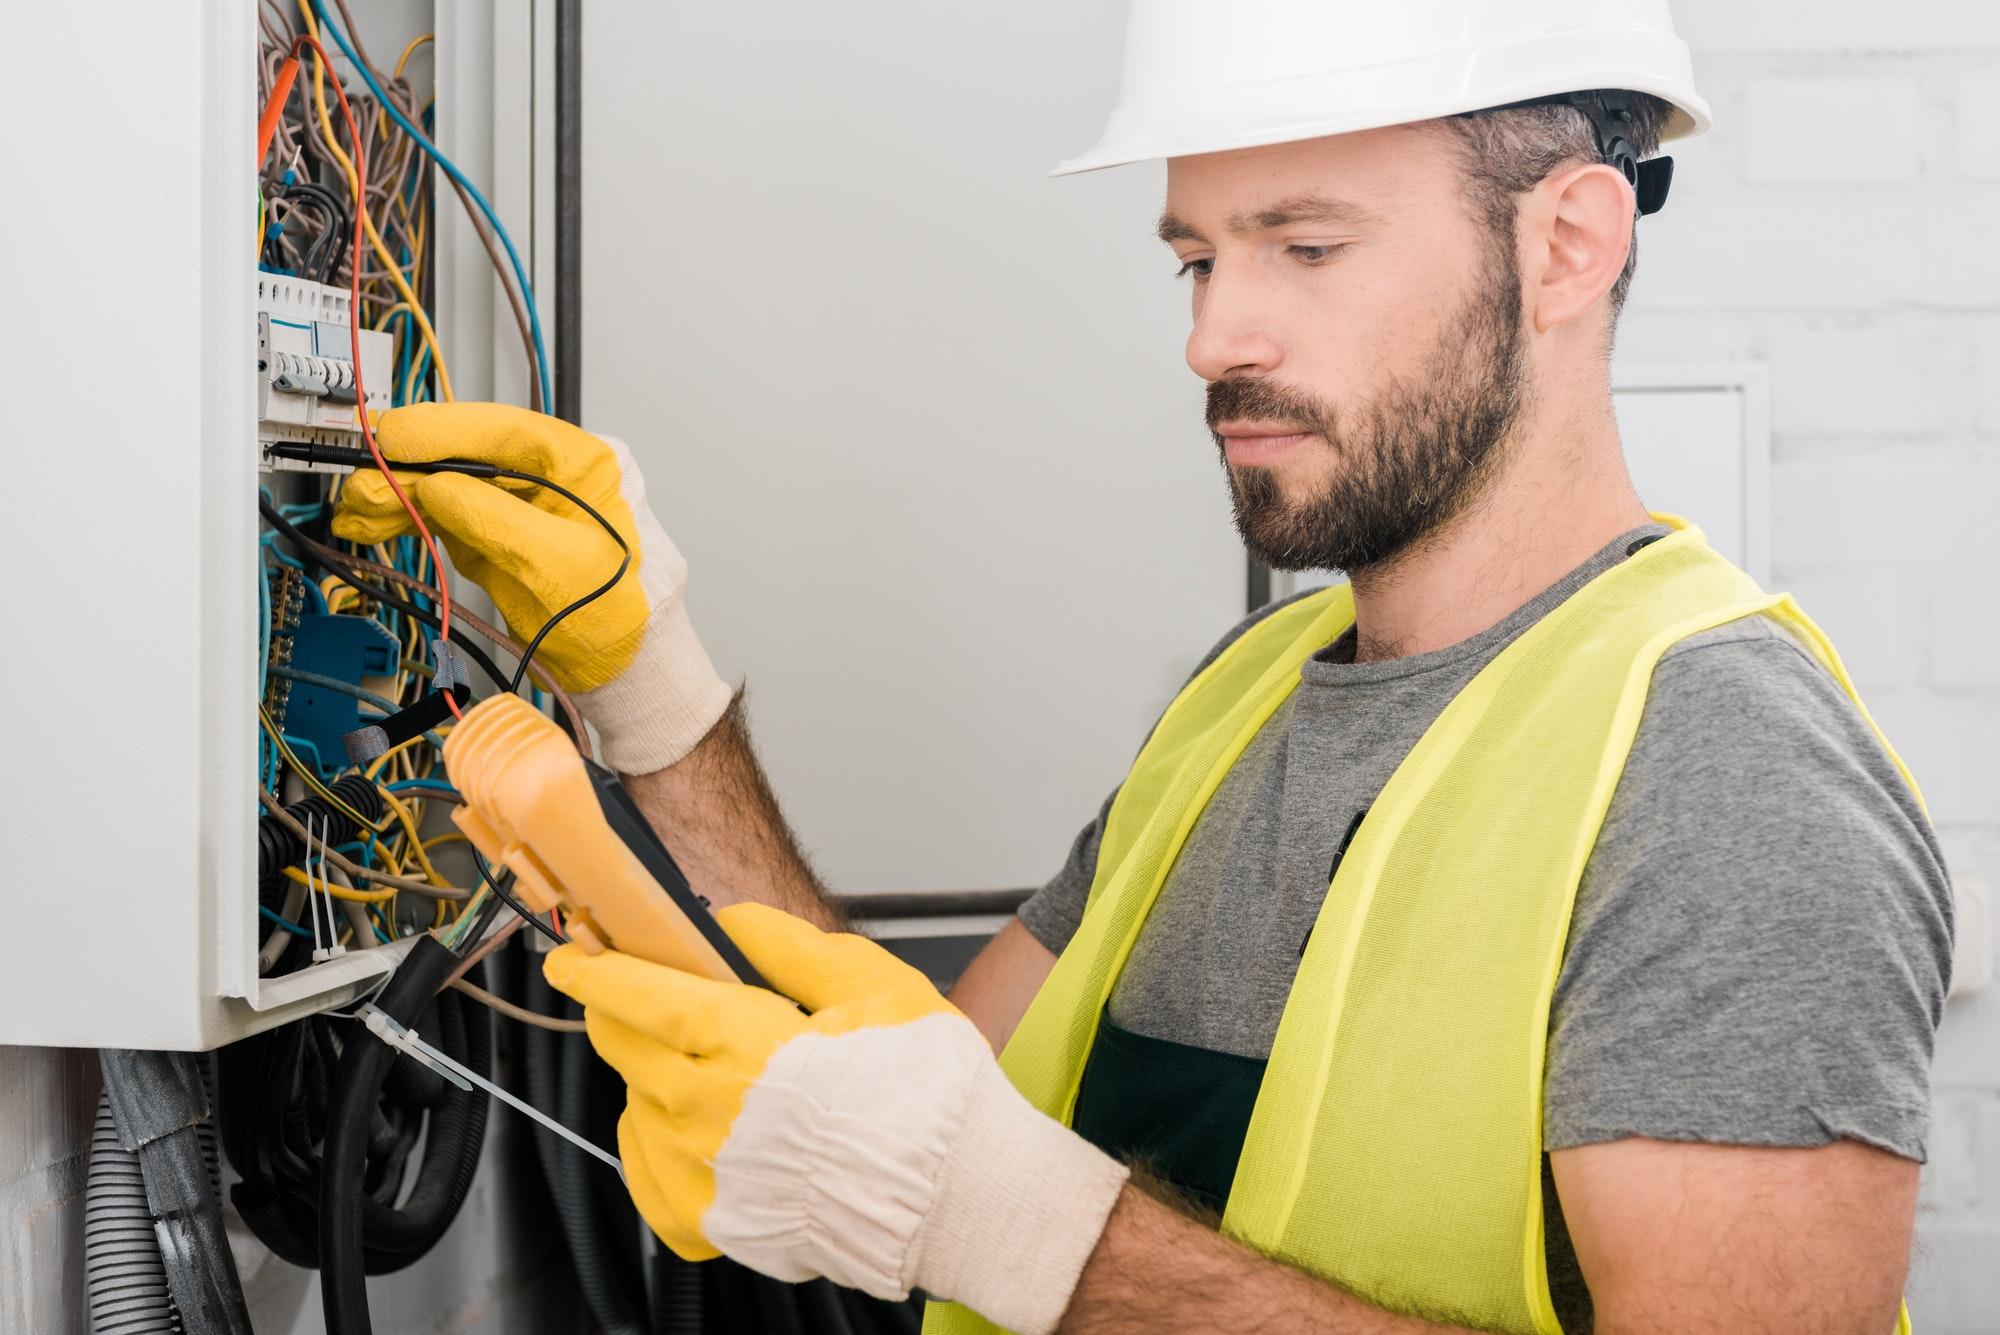 Hvad koster en akut elektriker? Elektriker døgnvagt priser